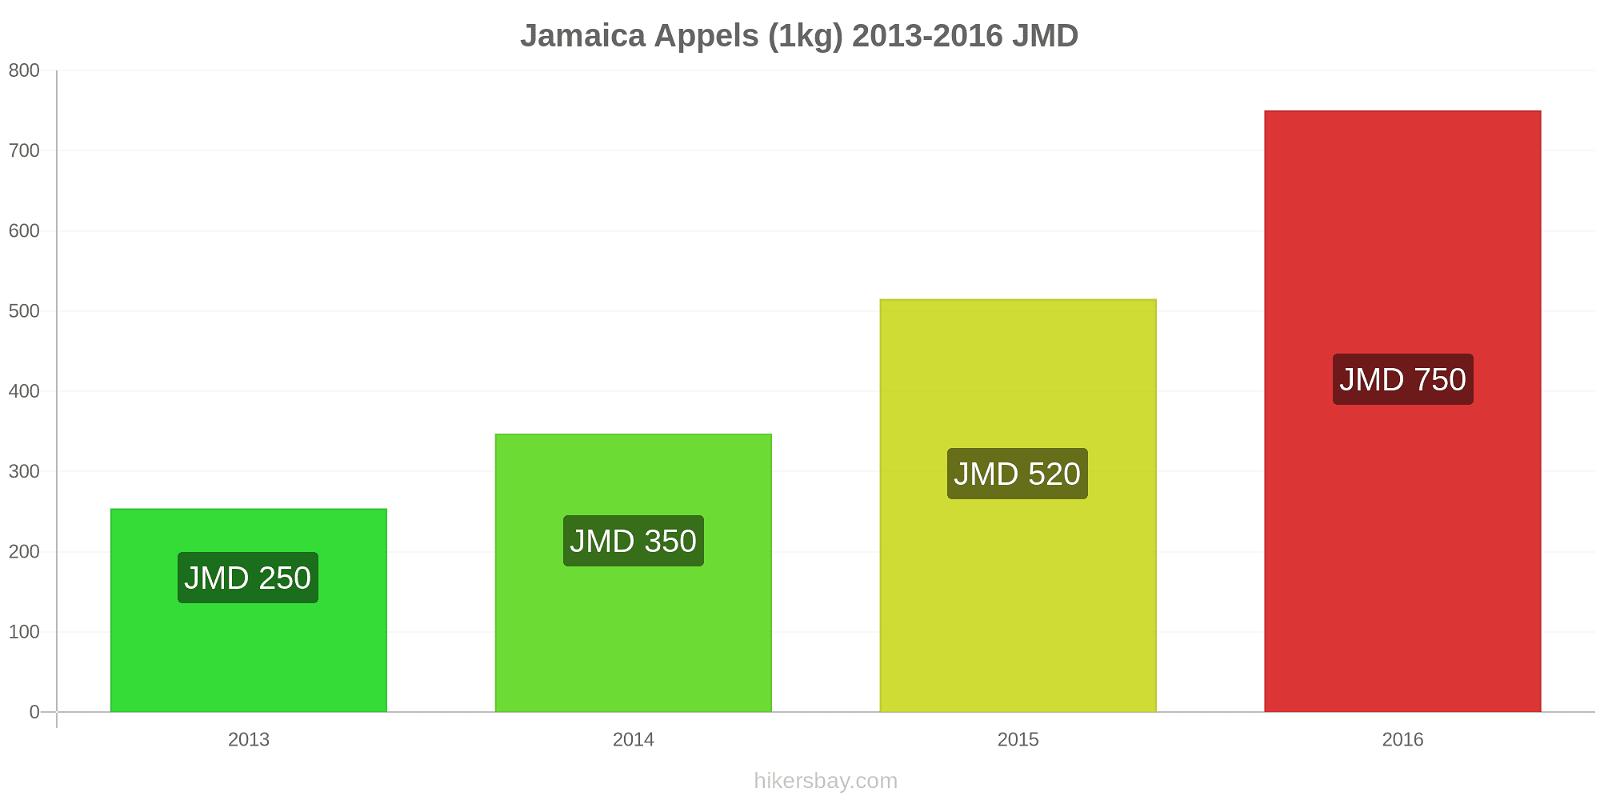 Jamaica prijswijzigingen Appels (1kg) hikersbay.com